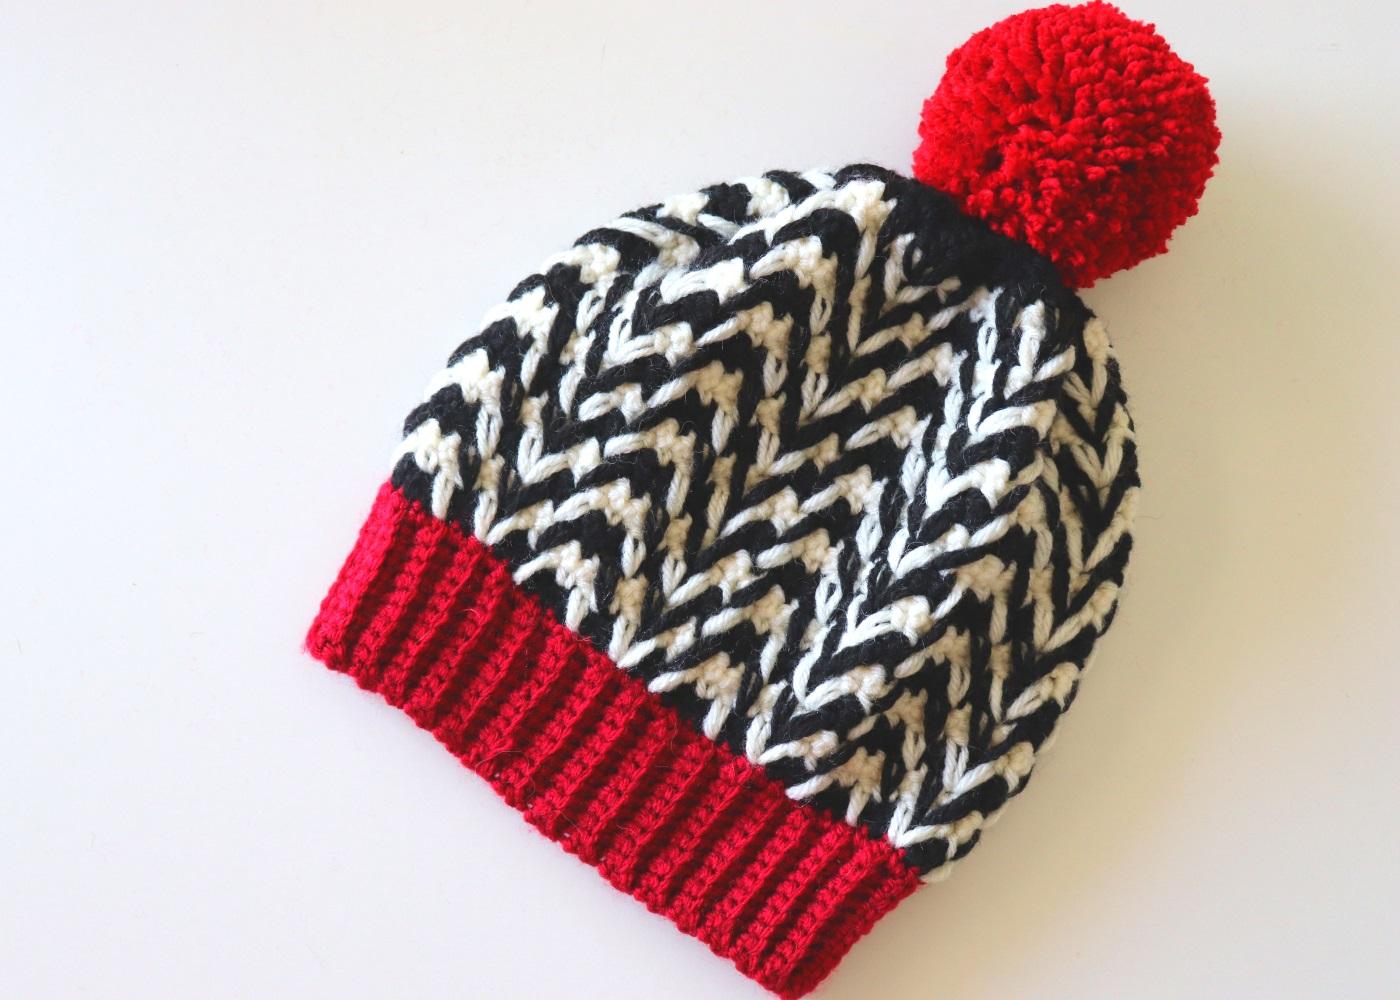 Crochet Twin Peaks Beanie / With Written Pattern